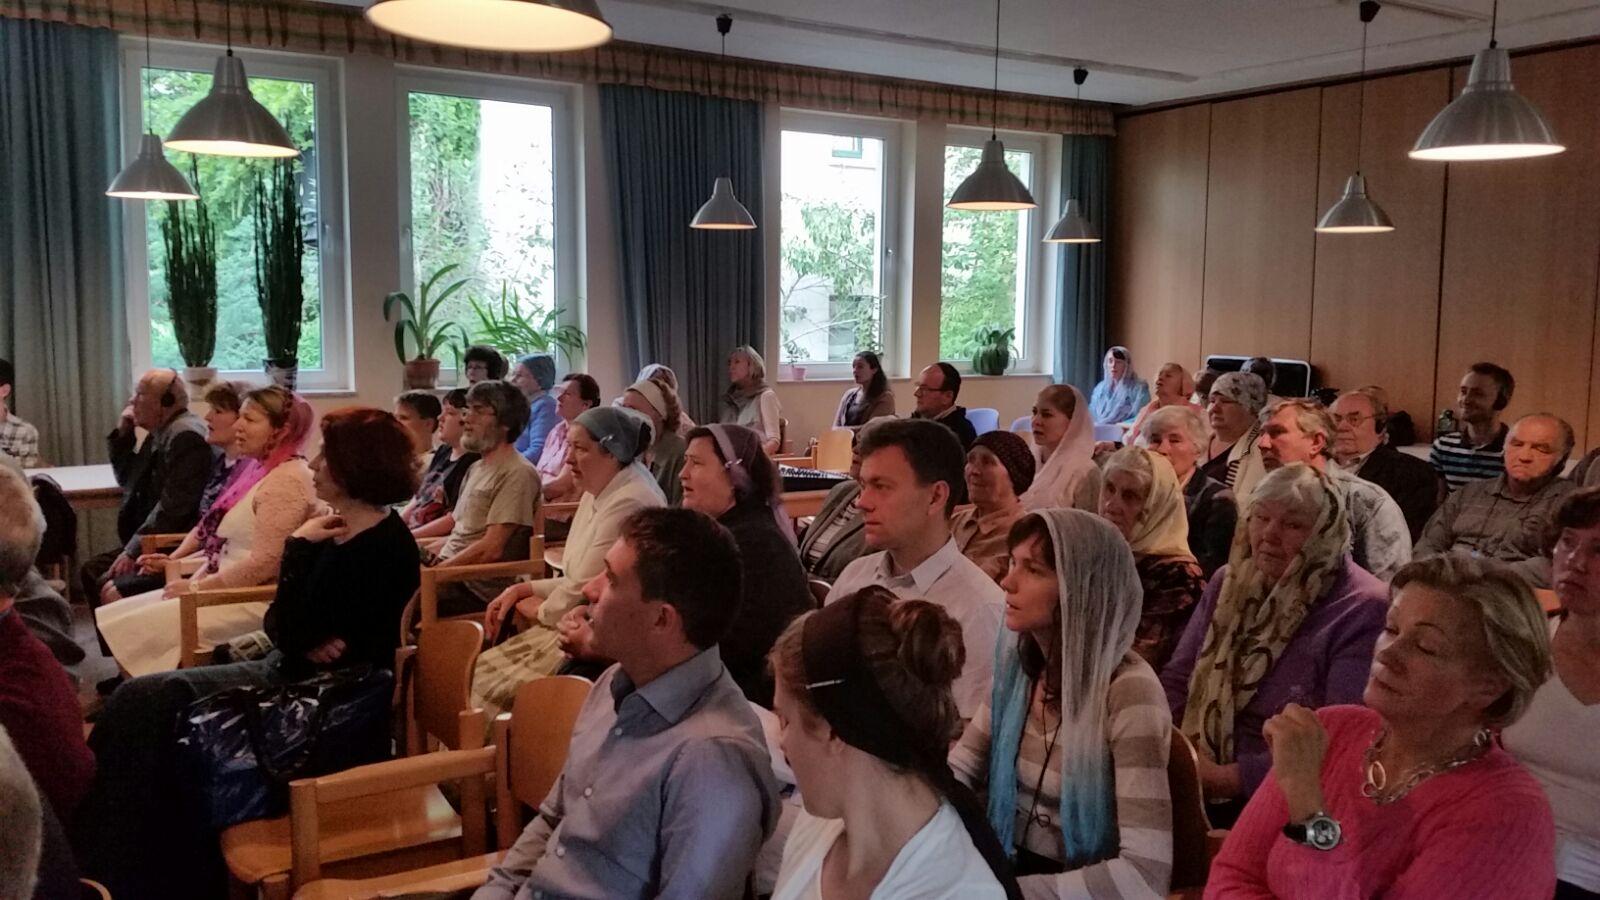 IMG-20150913-WA0011 - Evangeliums-Christen Gemeinde Leipzig